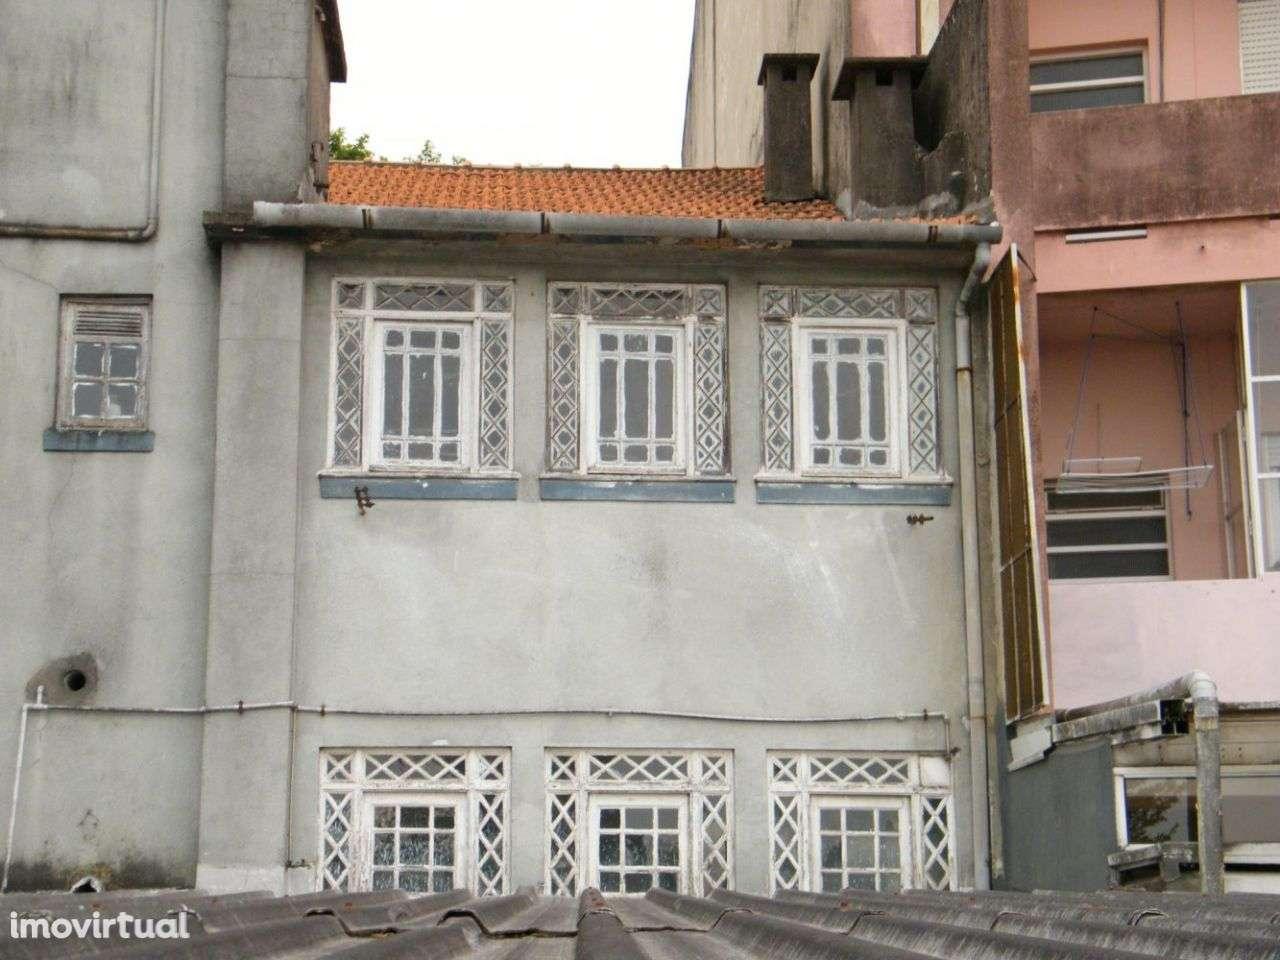 Prédio para comprar, Cedofeita, Santo Ildefonso, Sé, Miragaia, São Nicolau e Vitória, Porto - Foto 5